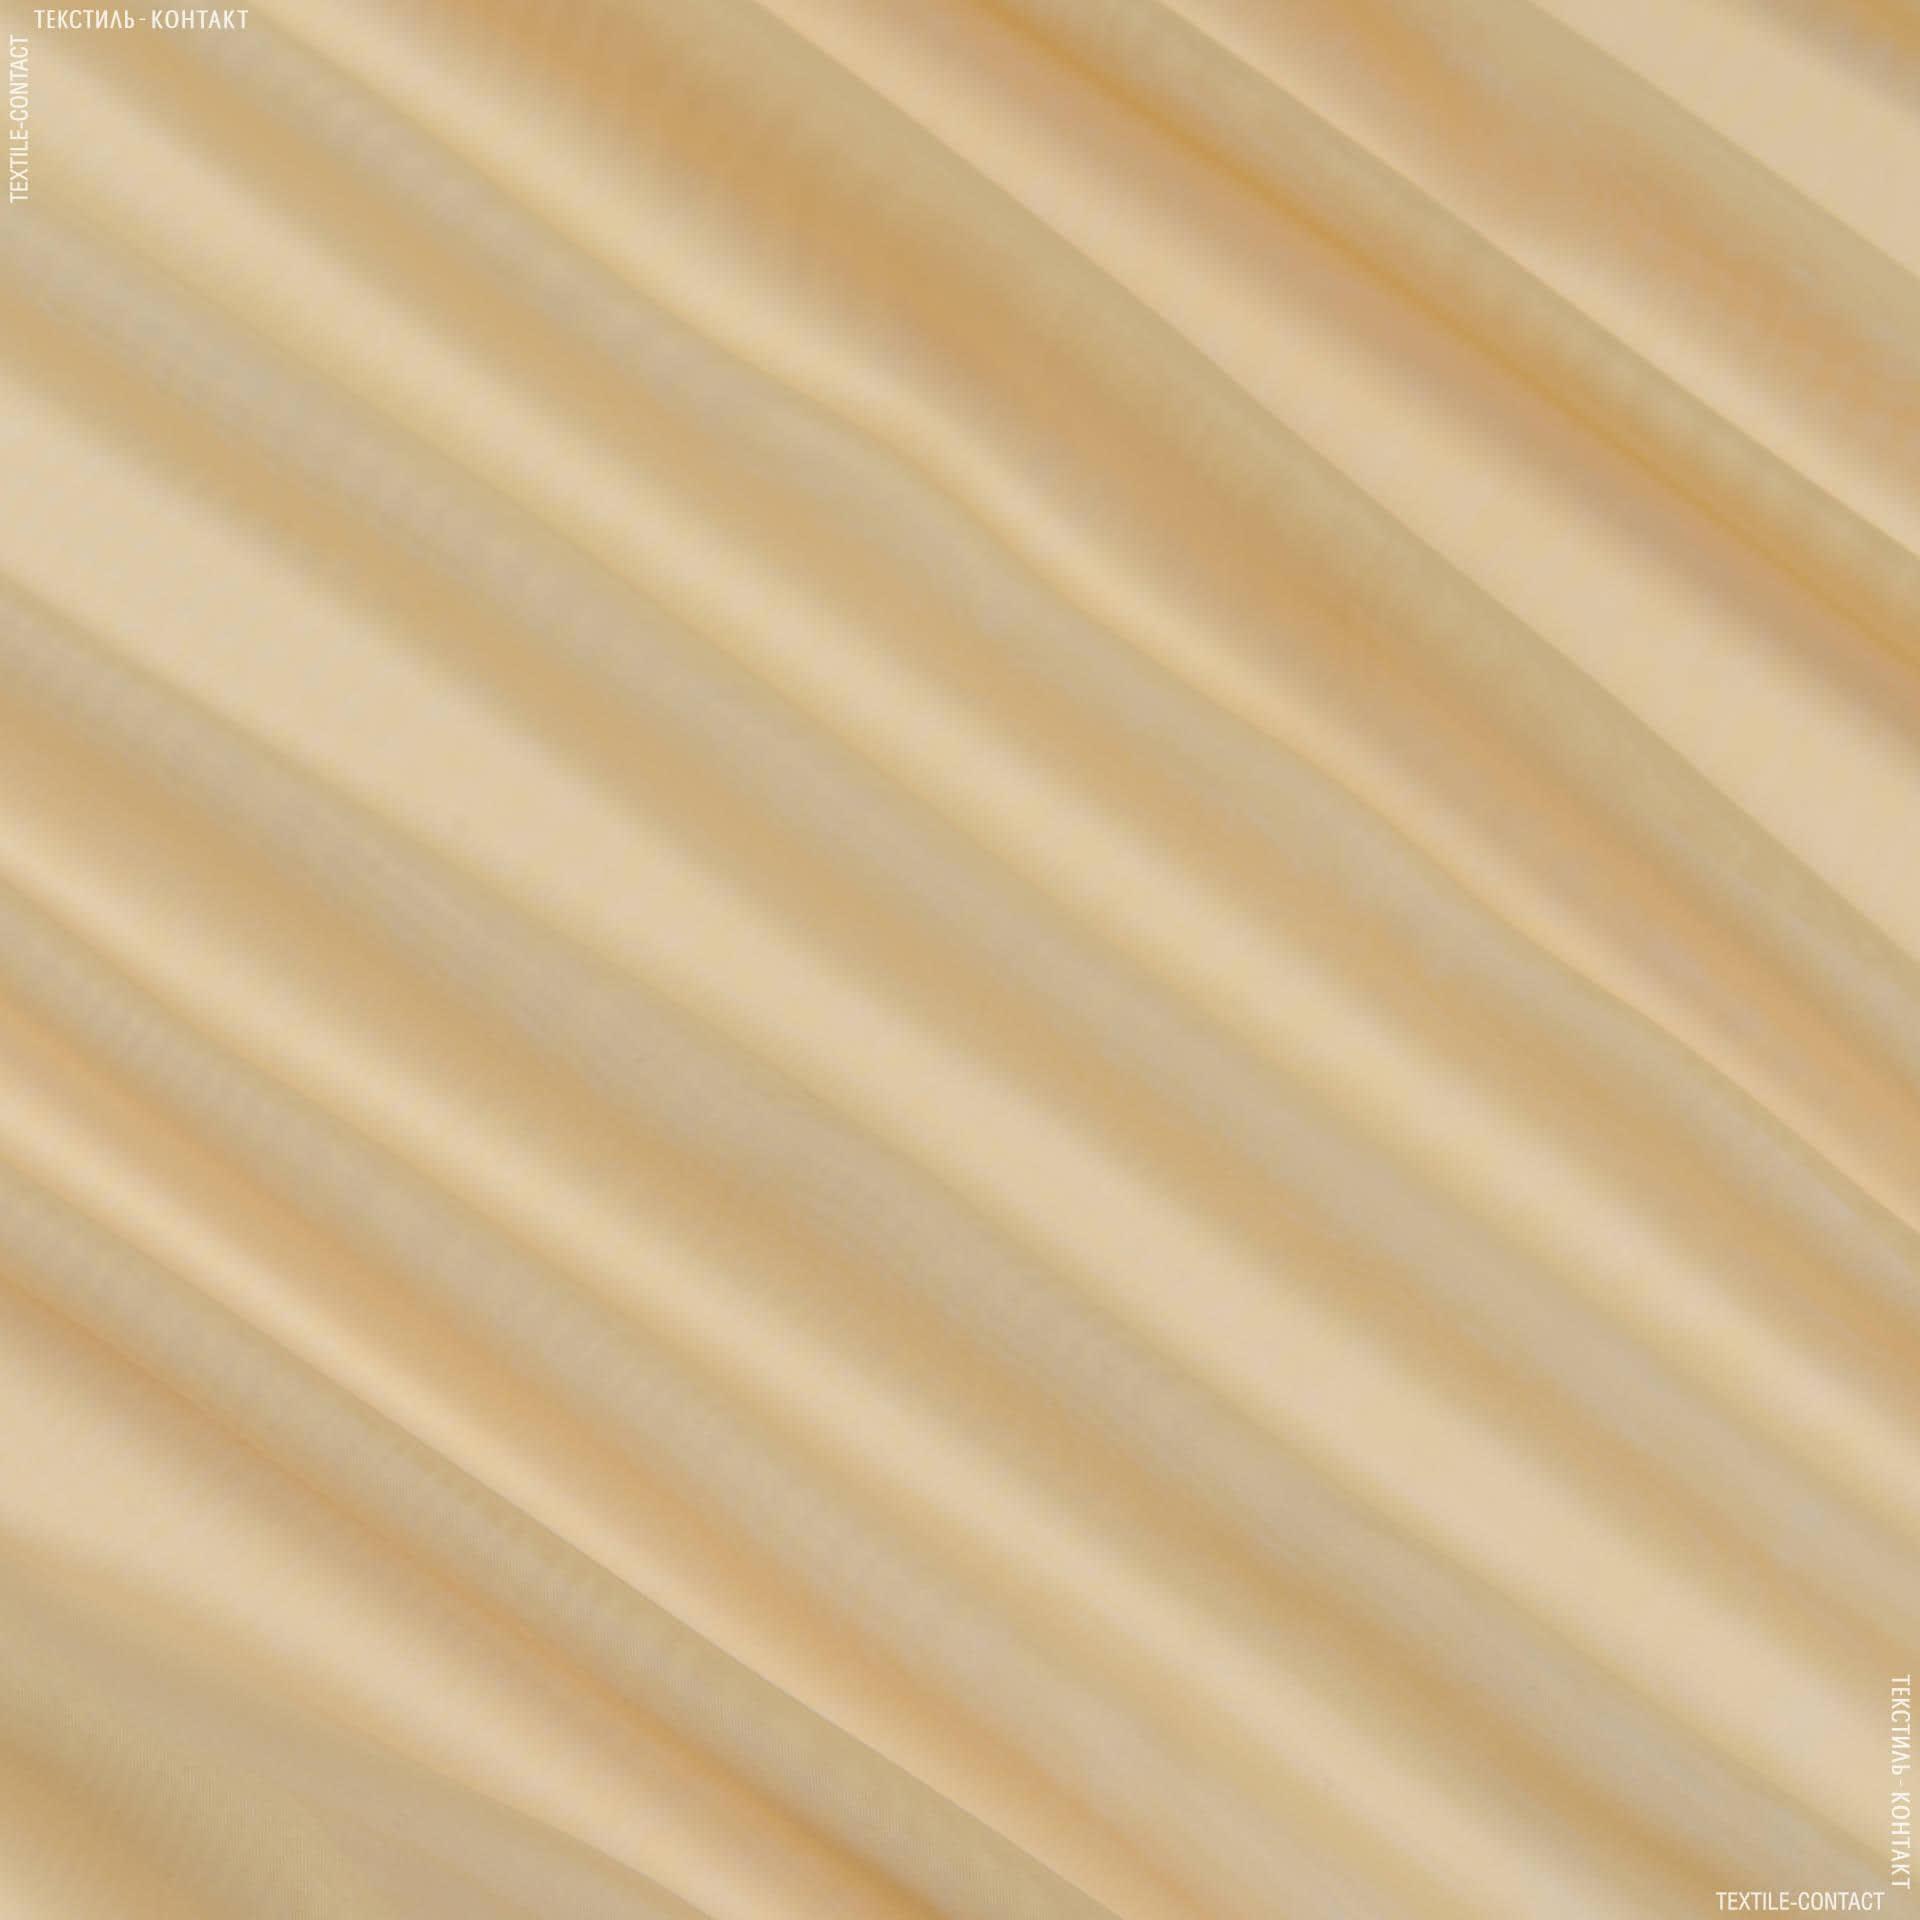 Ткани гардинные ткани - Тюль  вуаль глина